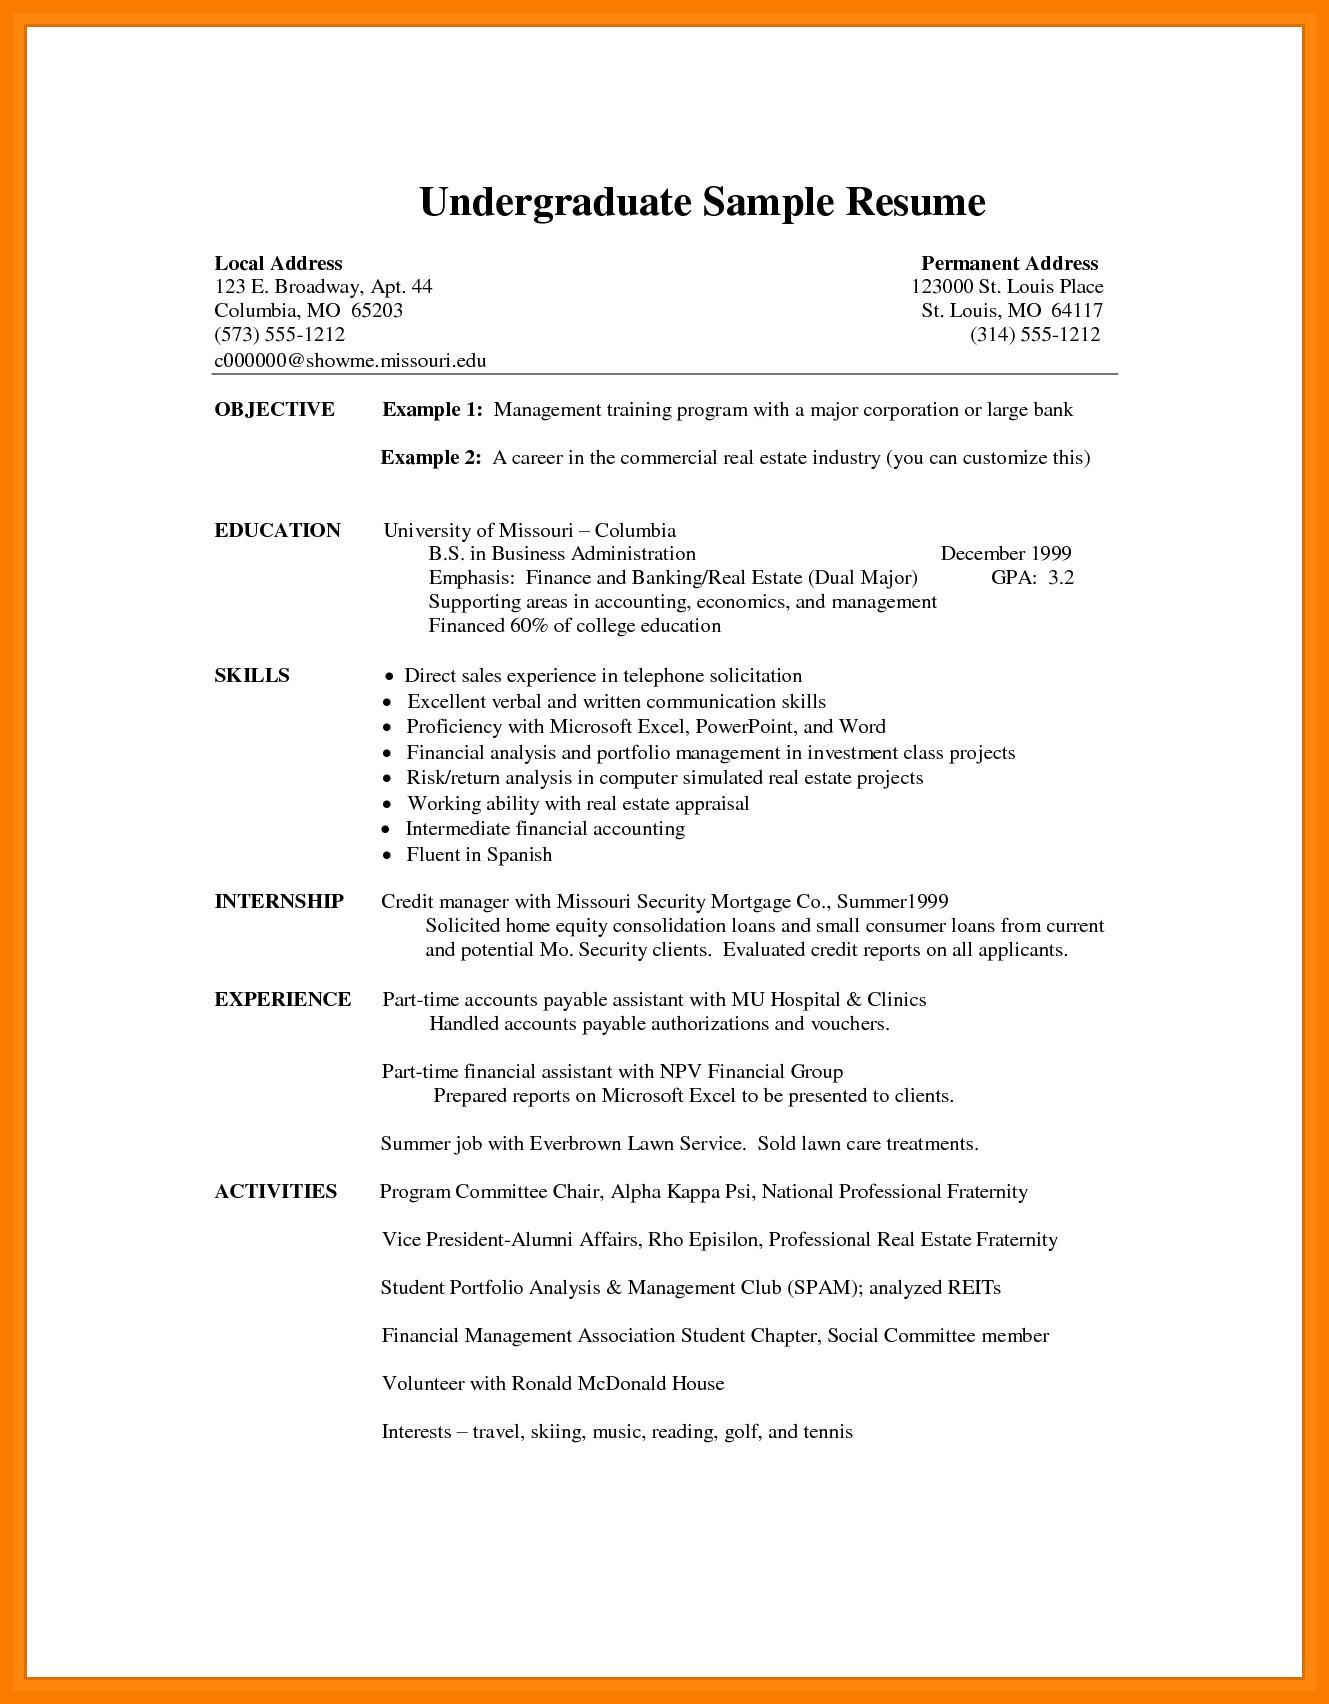 Cv Template Undergraduate Student